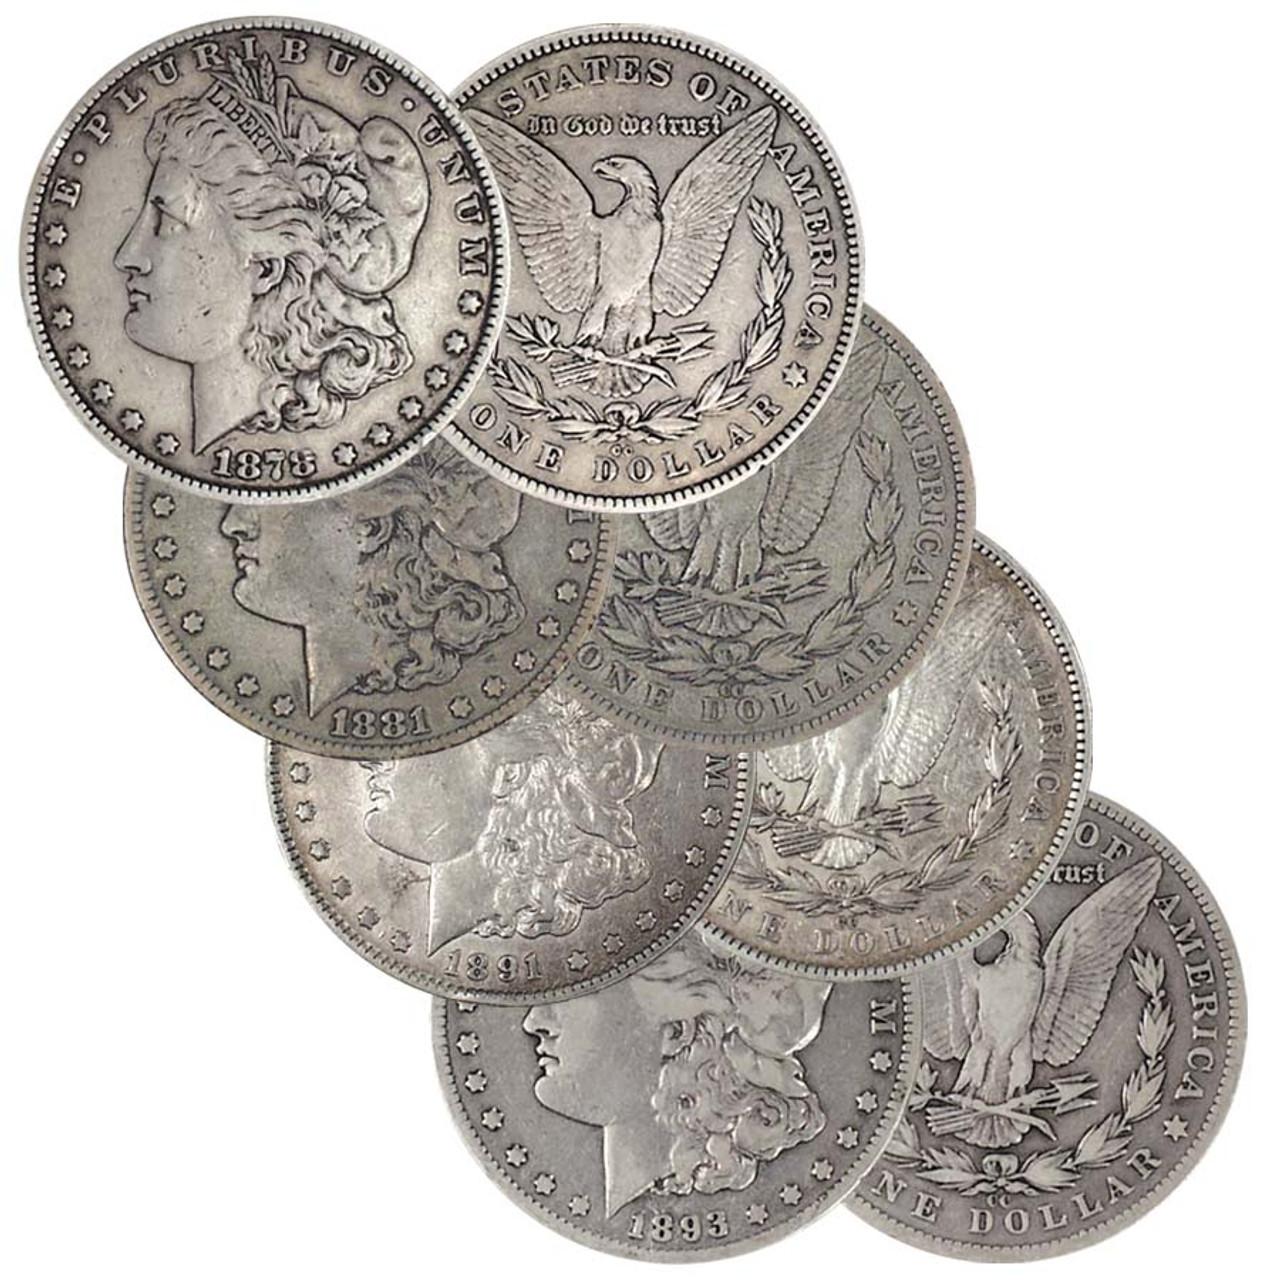 1878-CC, 1881-CC, 1891-CC & 1893-CC Morgan Silver Dollar Collection Very Fine